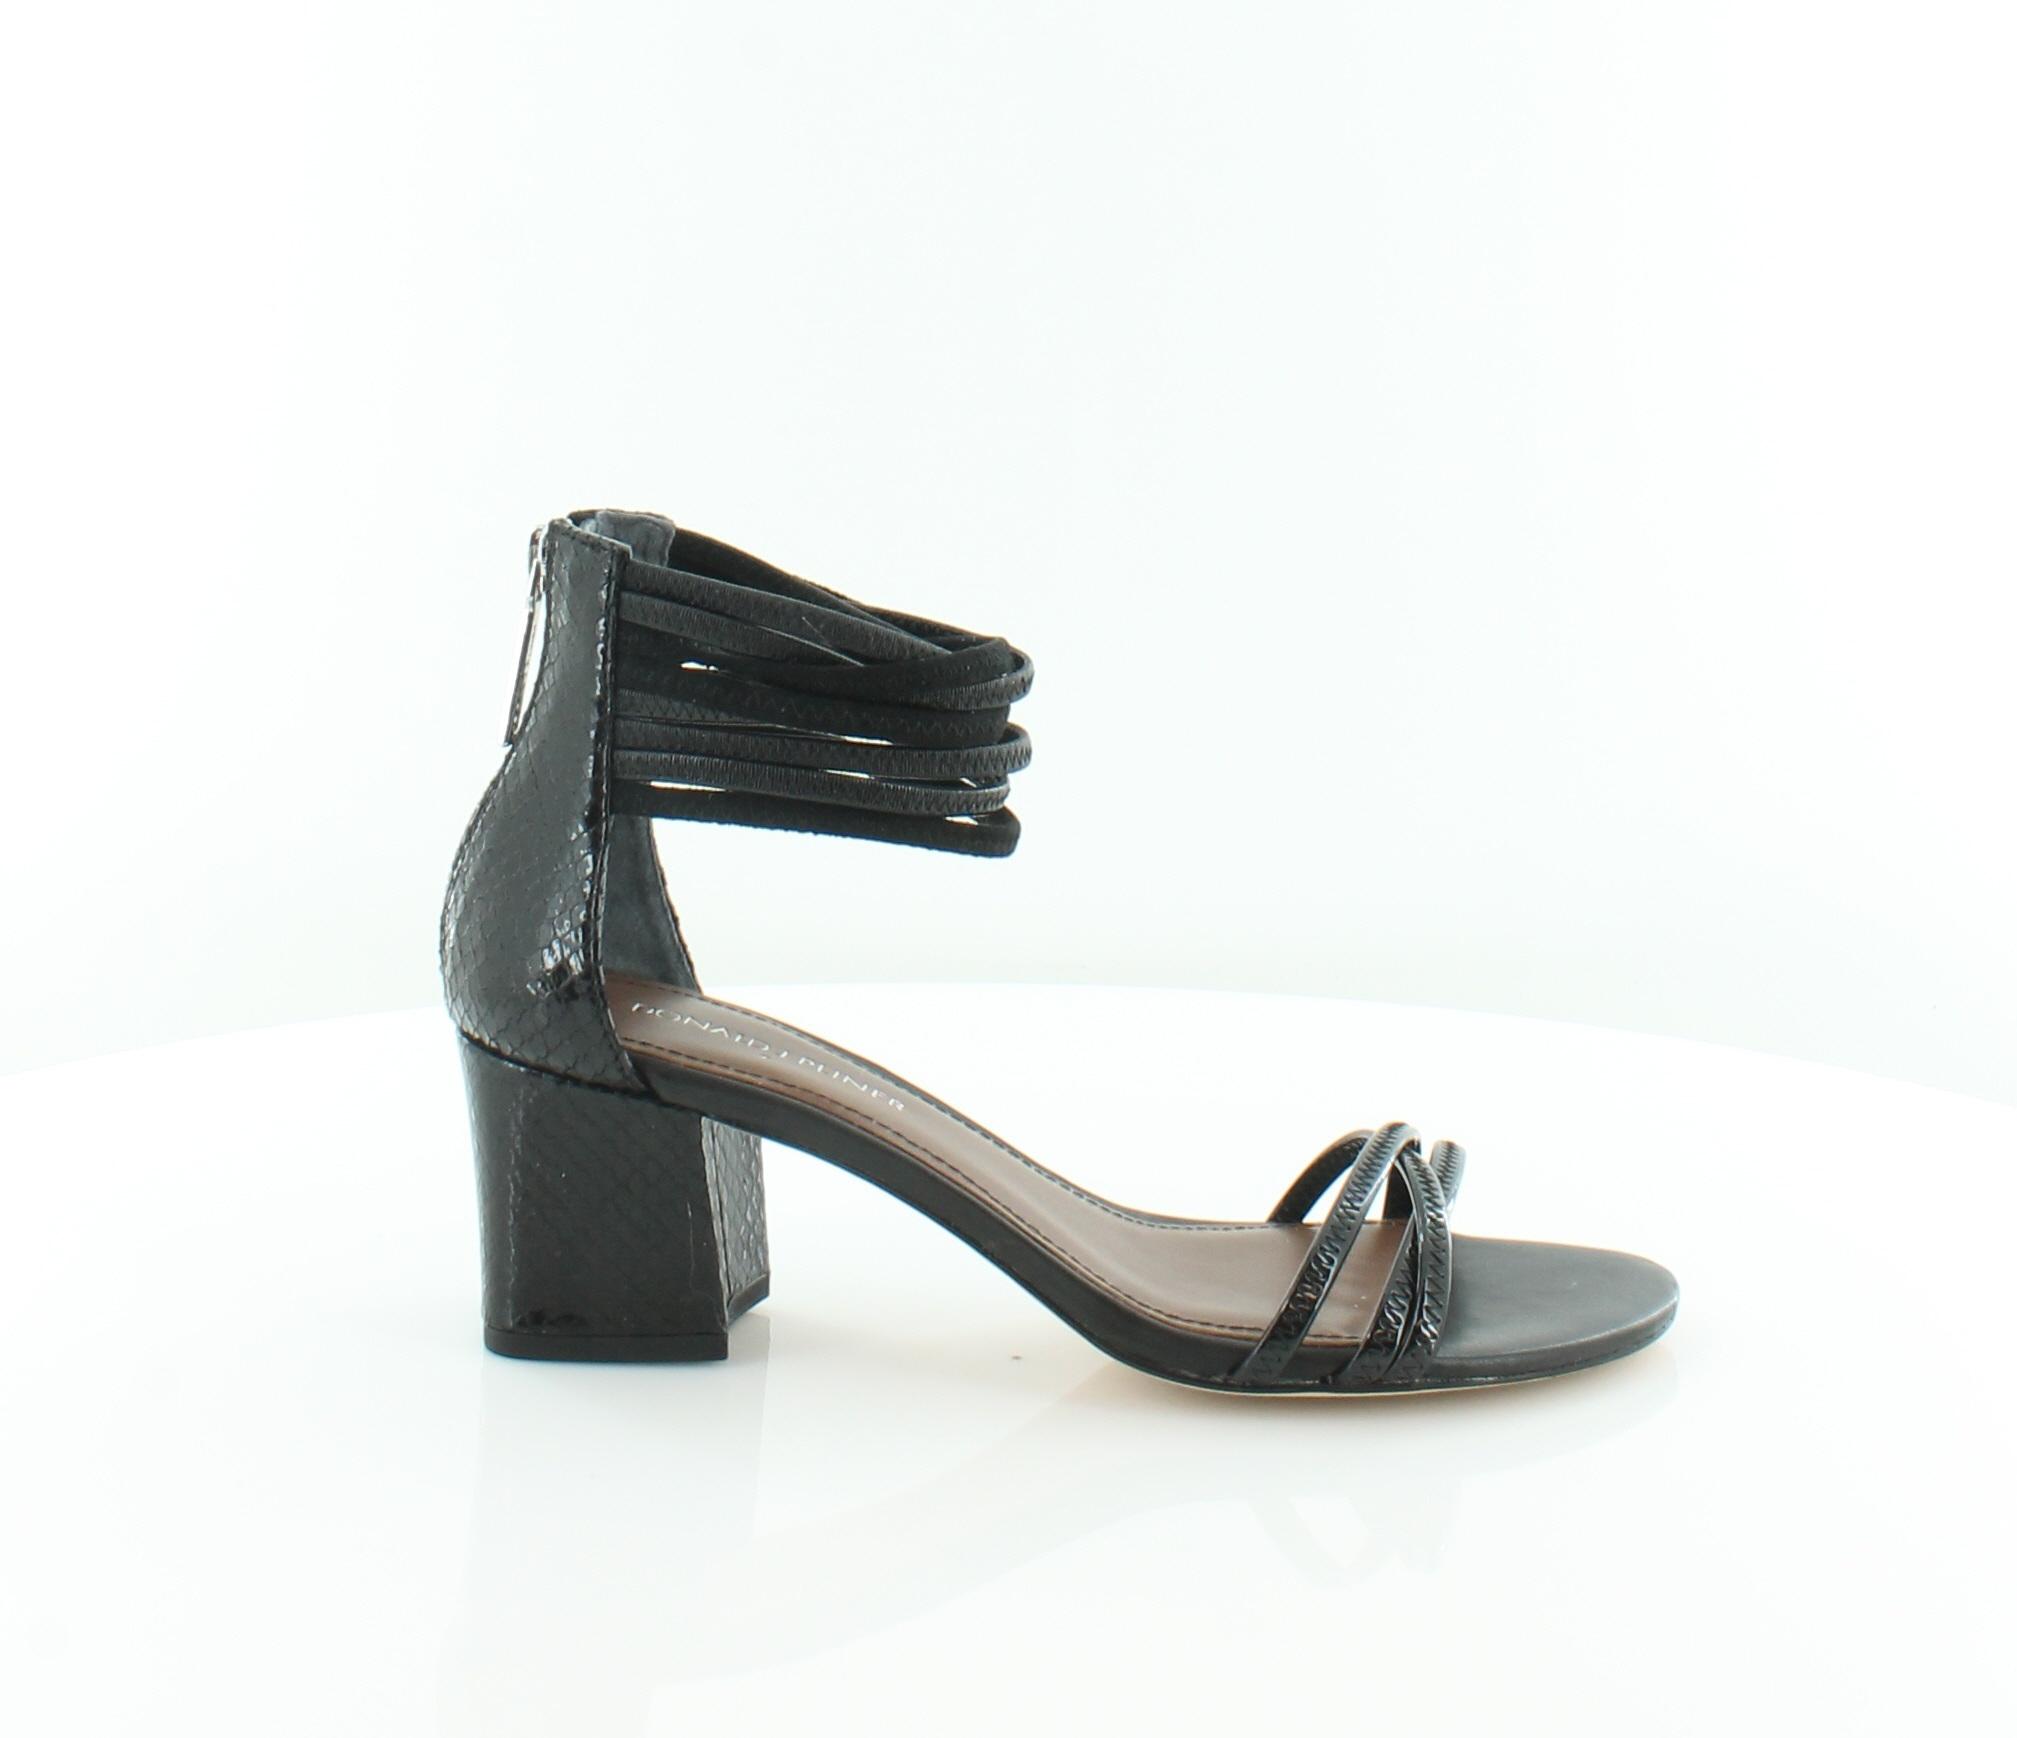 Donald J Pliner Essie Black Womens shoes Size 7.5 M Sandals MSRP  228